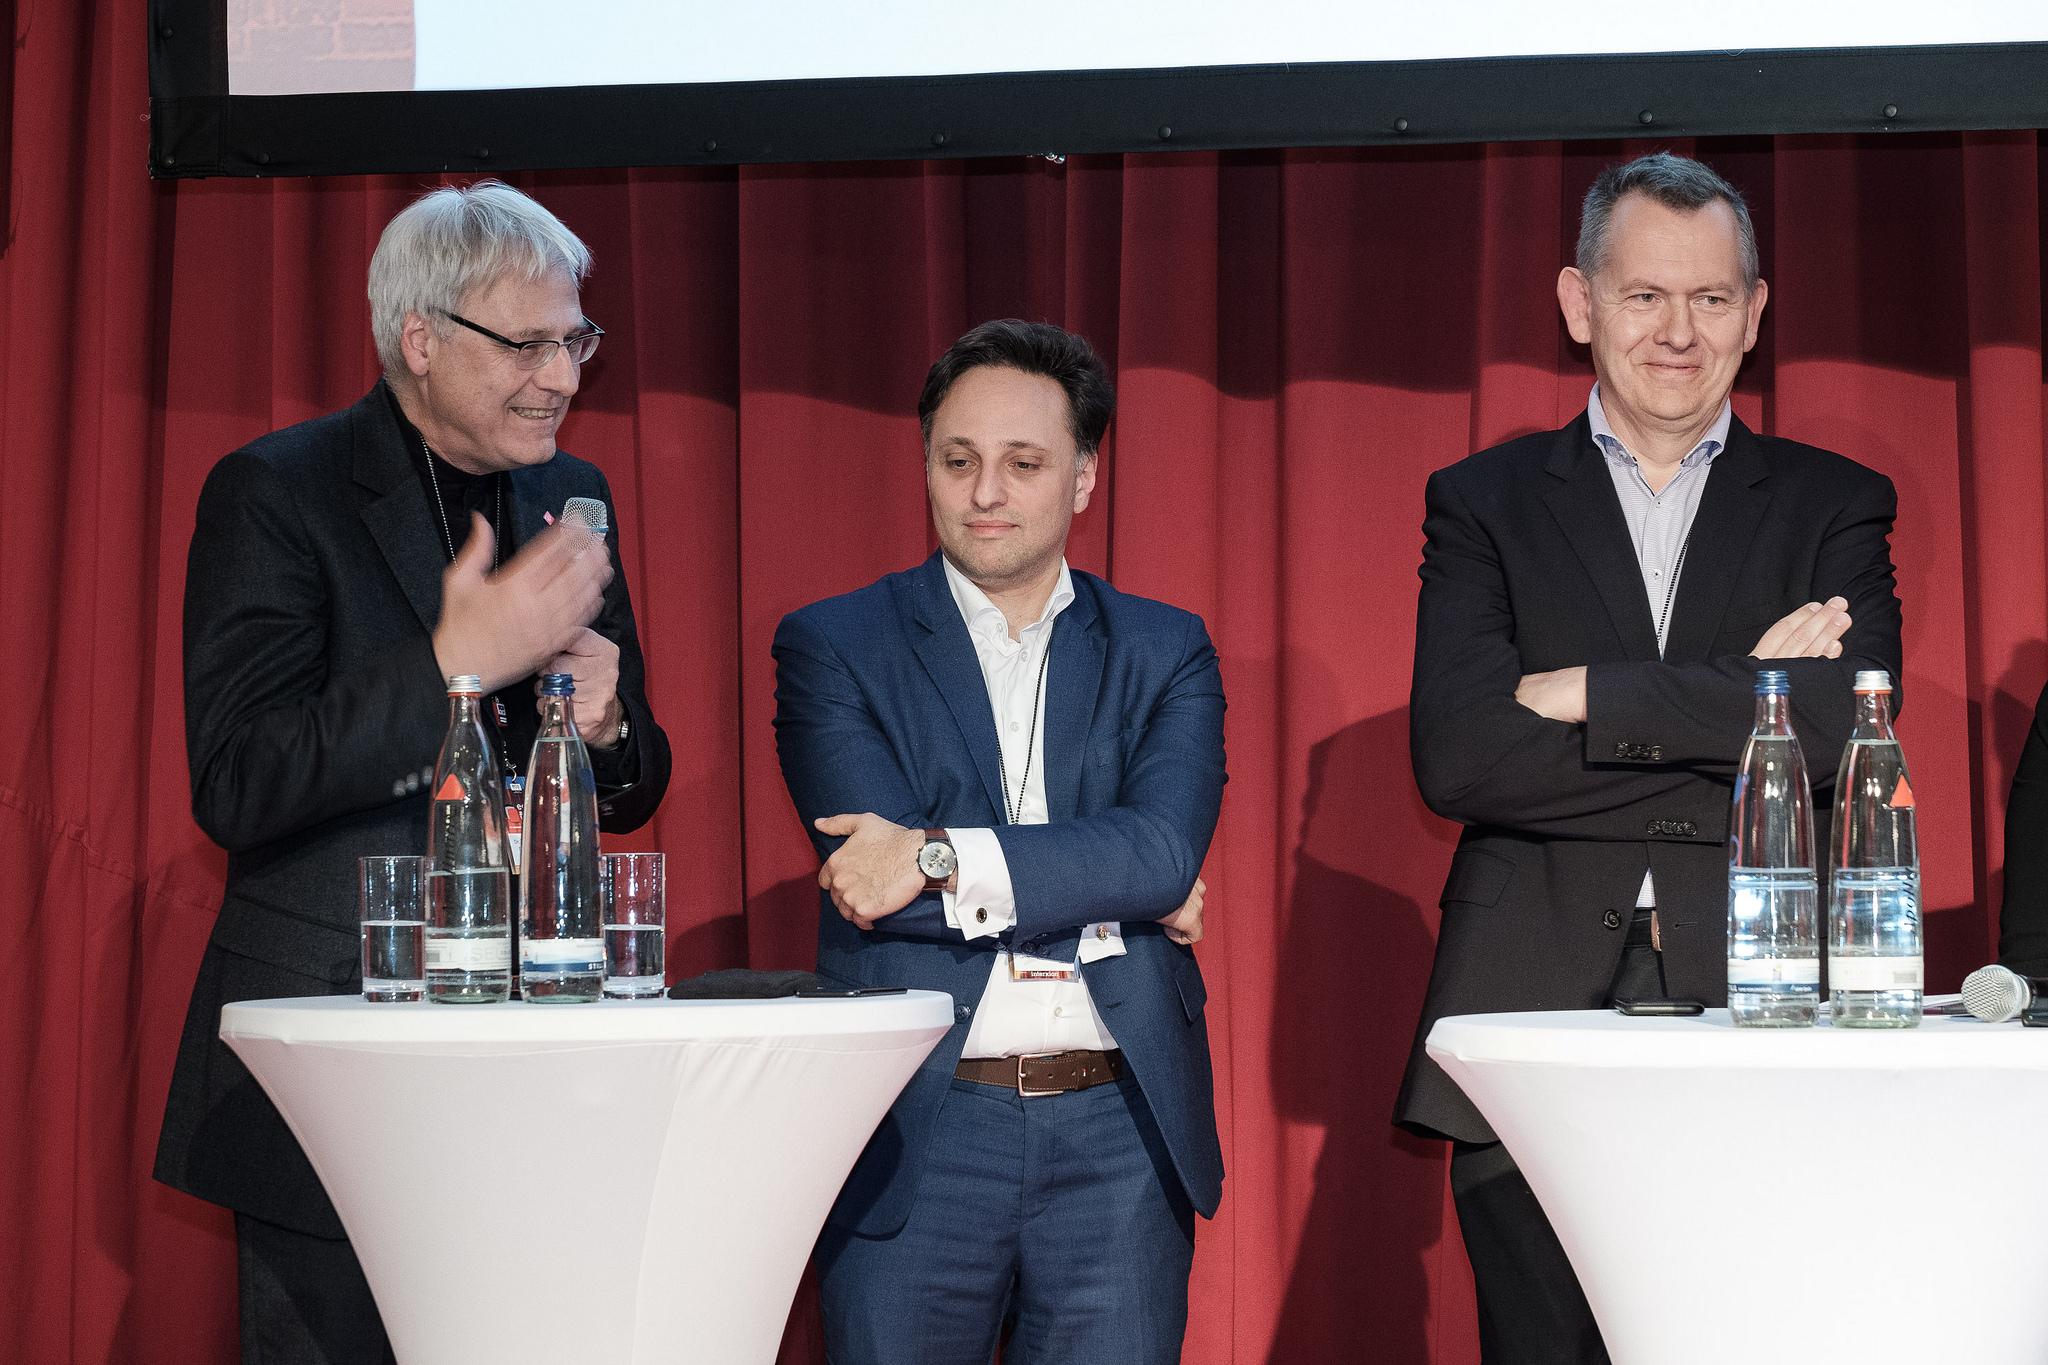 eco://kongress & eco:awards: Gemeinsam die digitale Zukunft gestalten 14